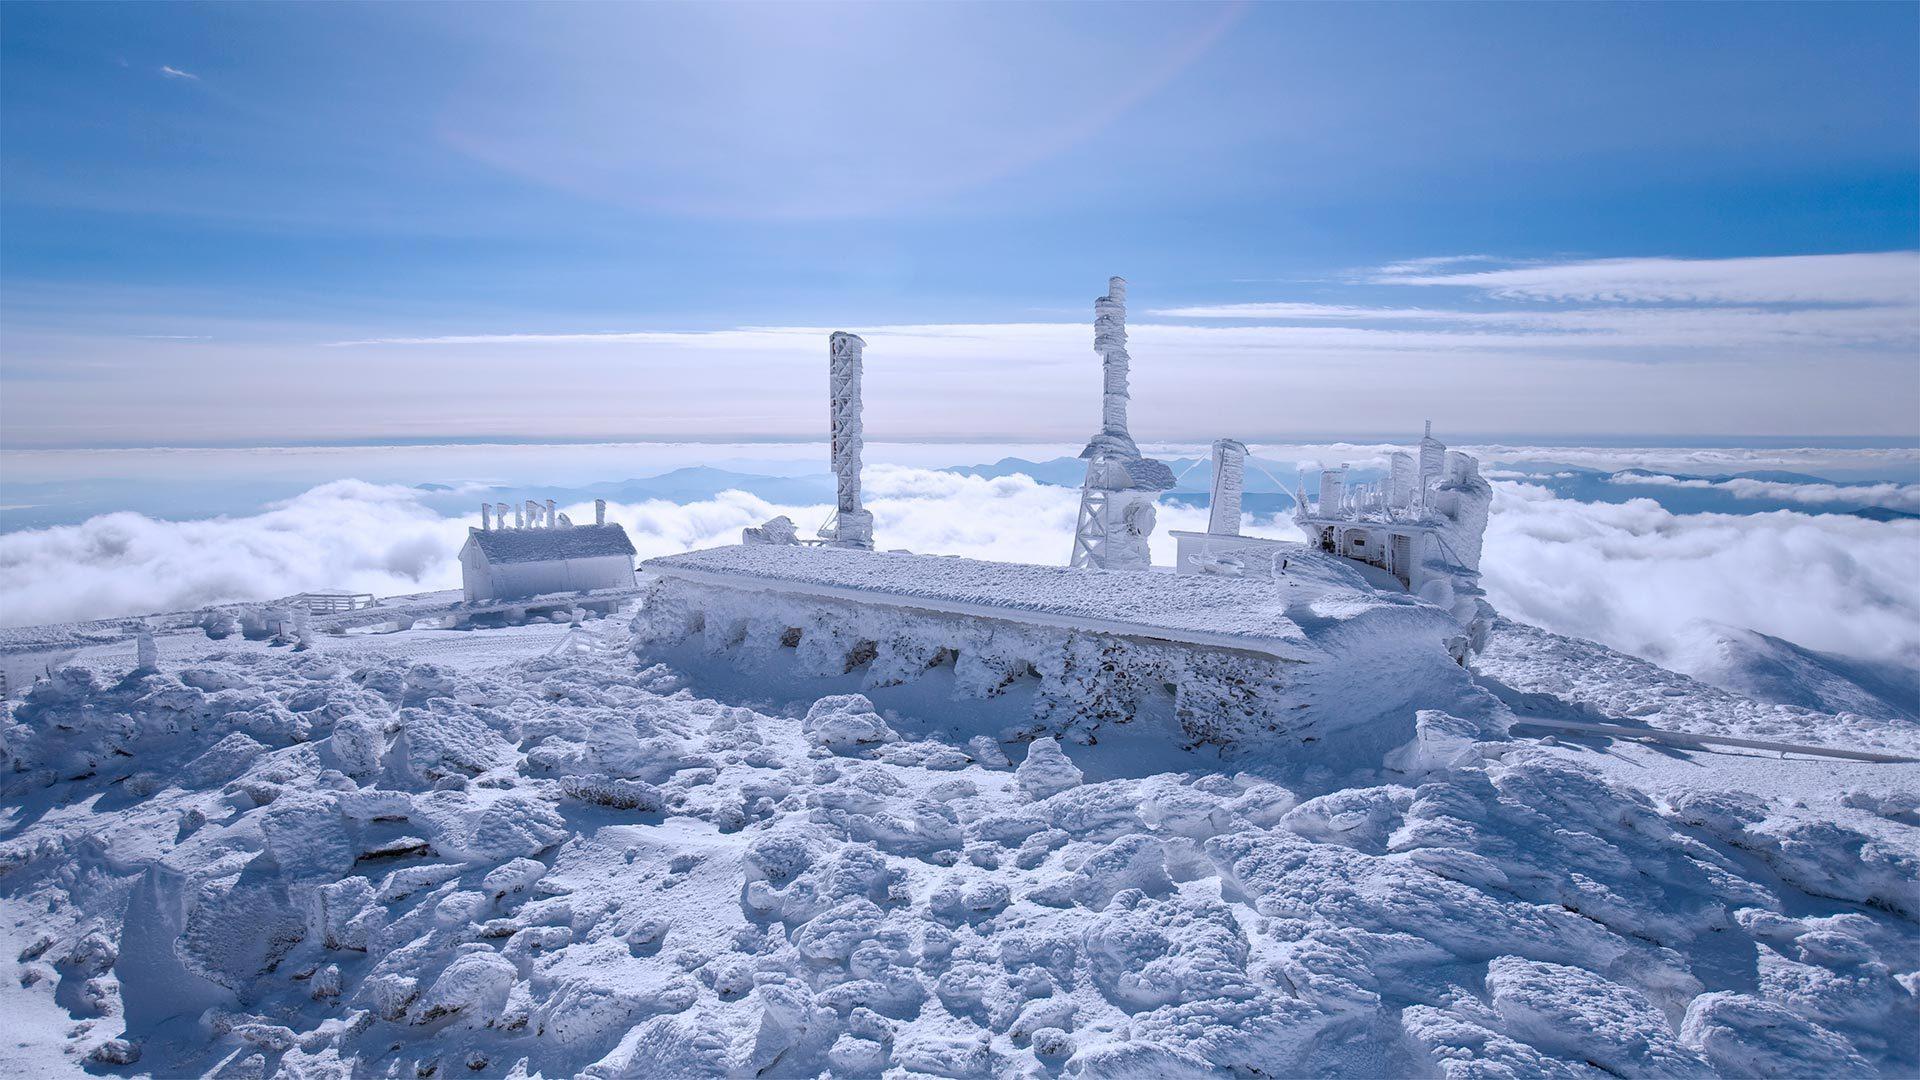 华盛顿山天文台